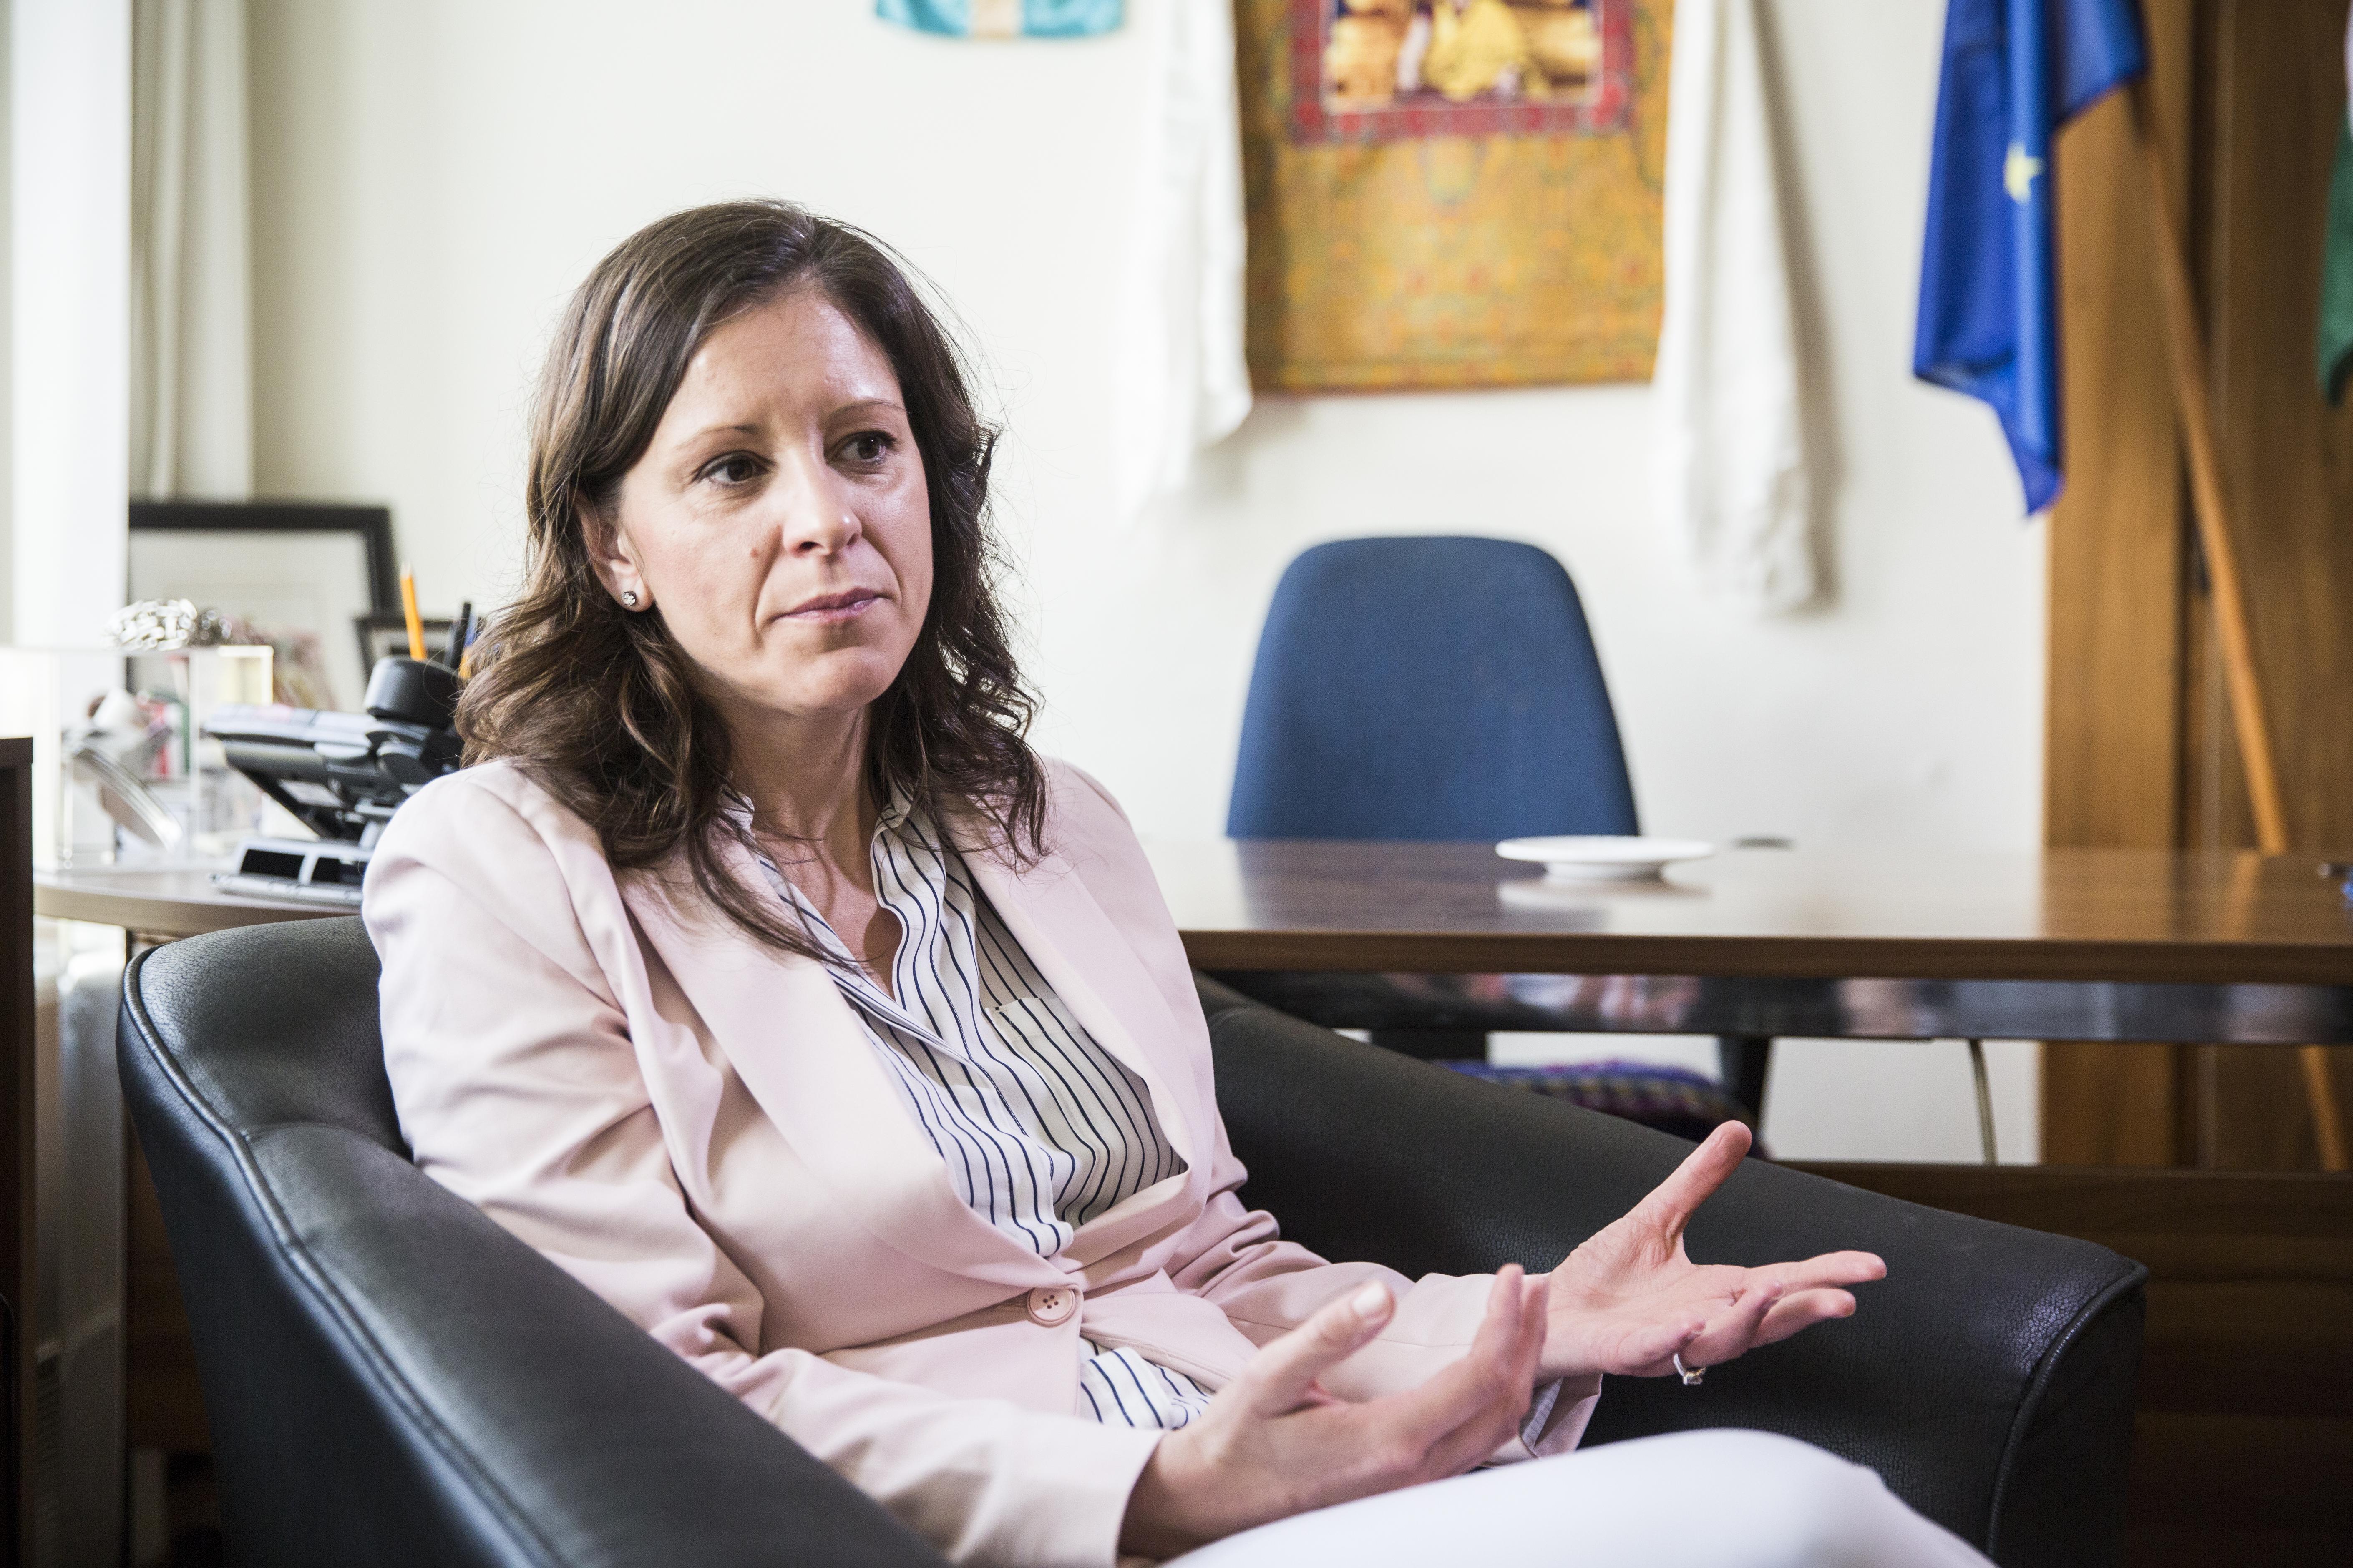 Ilyen nincs: az LMP Szél Bernadettet is eltiltotta a tisztségviseléstől